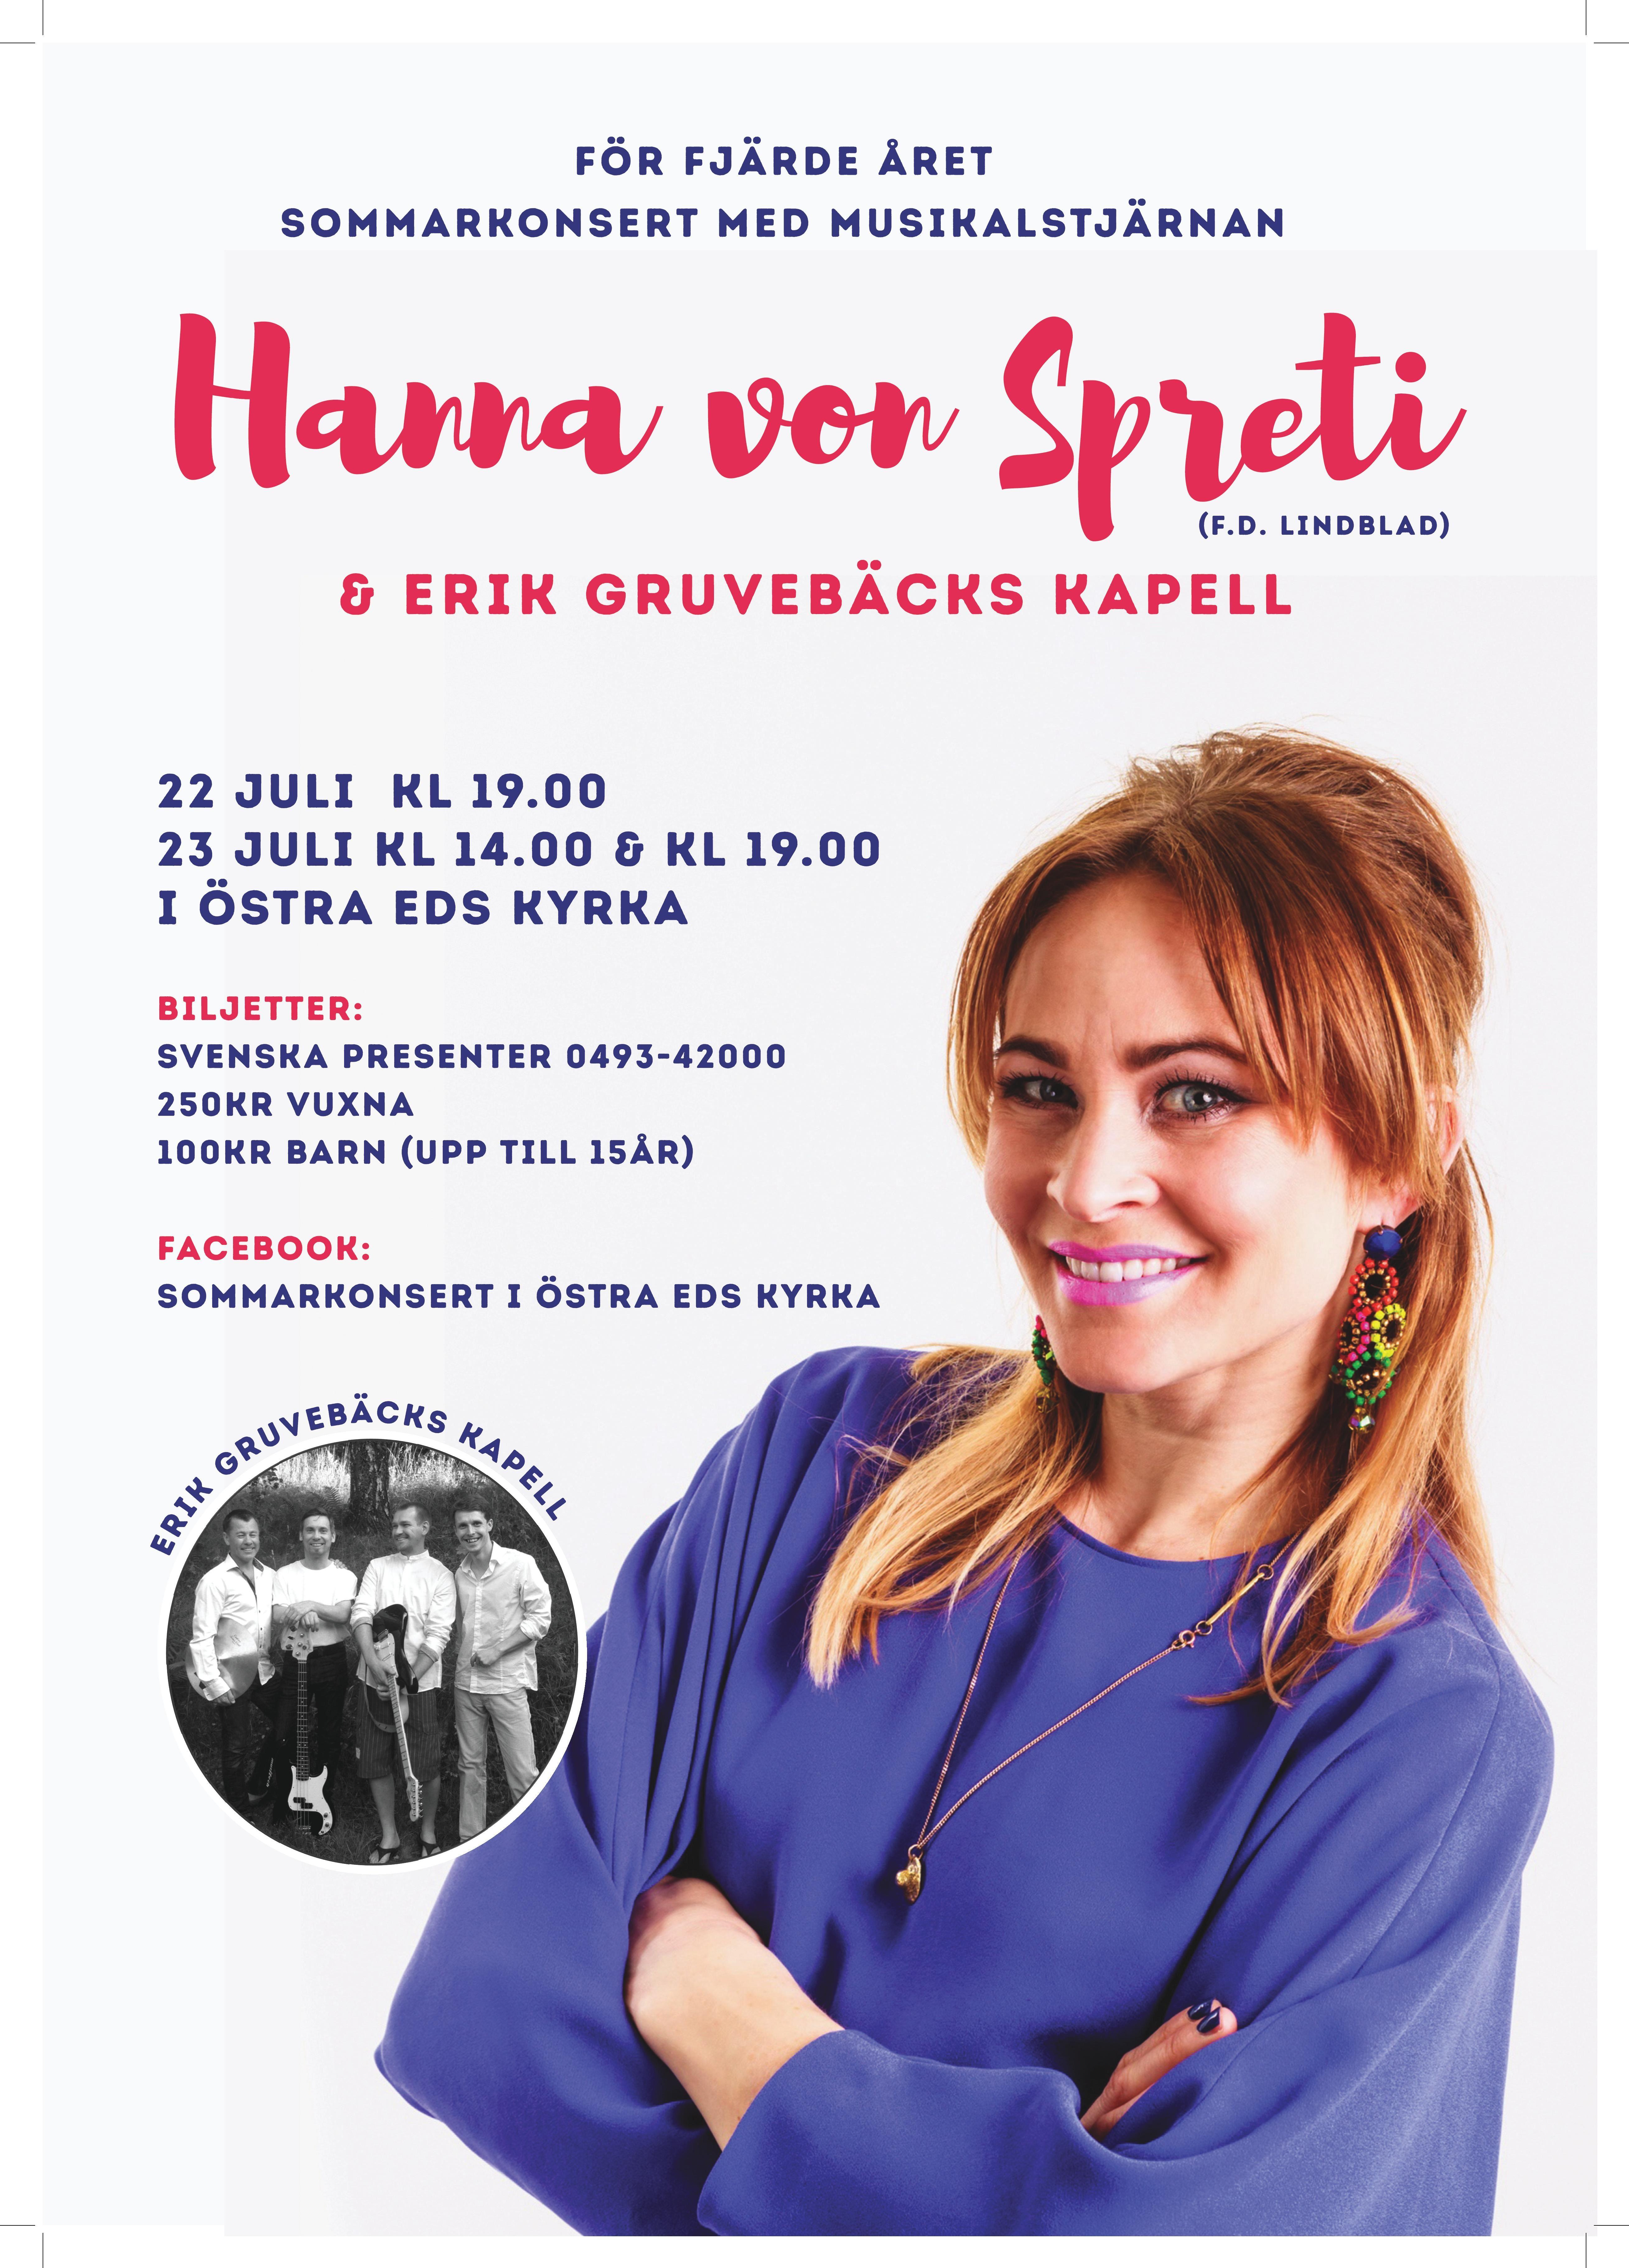 Sommarkonsert med Hanna von Spreti (fd Lindblad) & Erik Gruvebäck